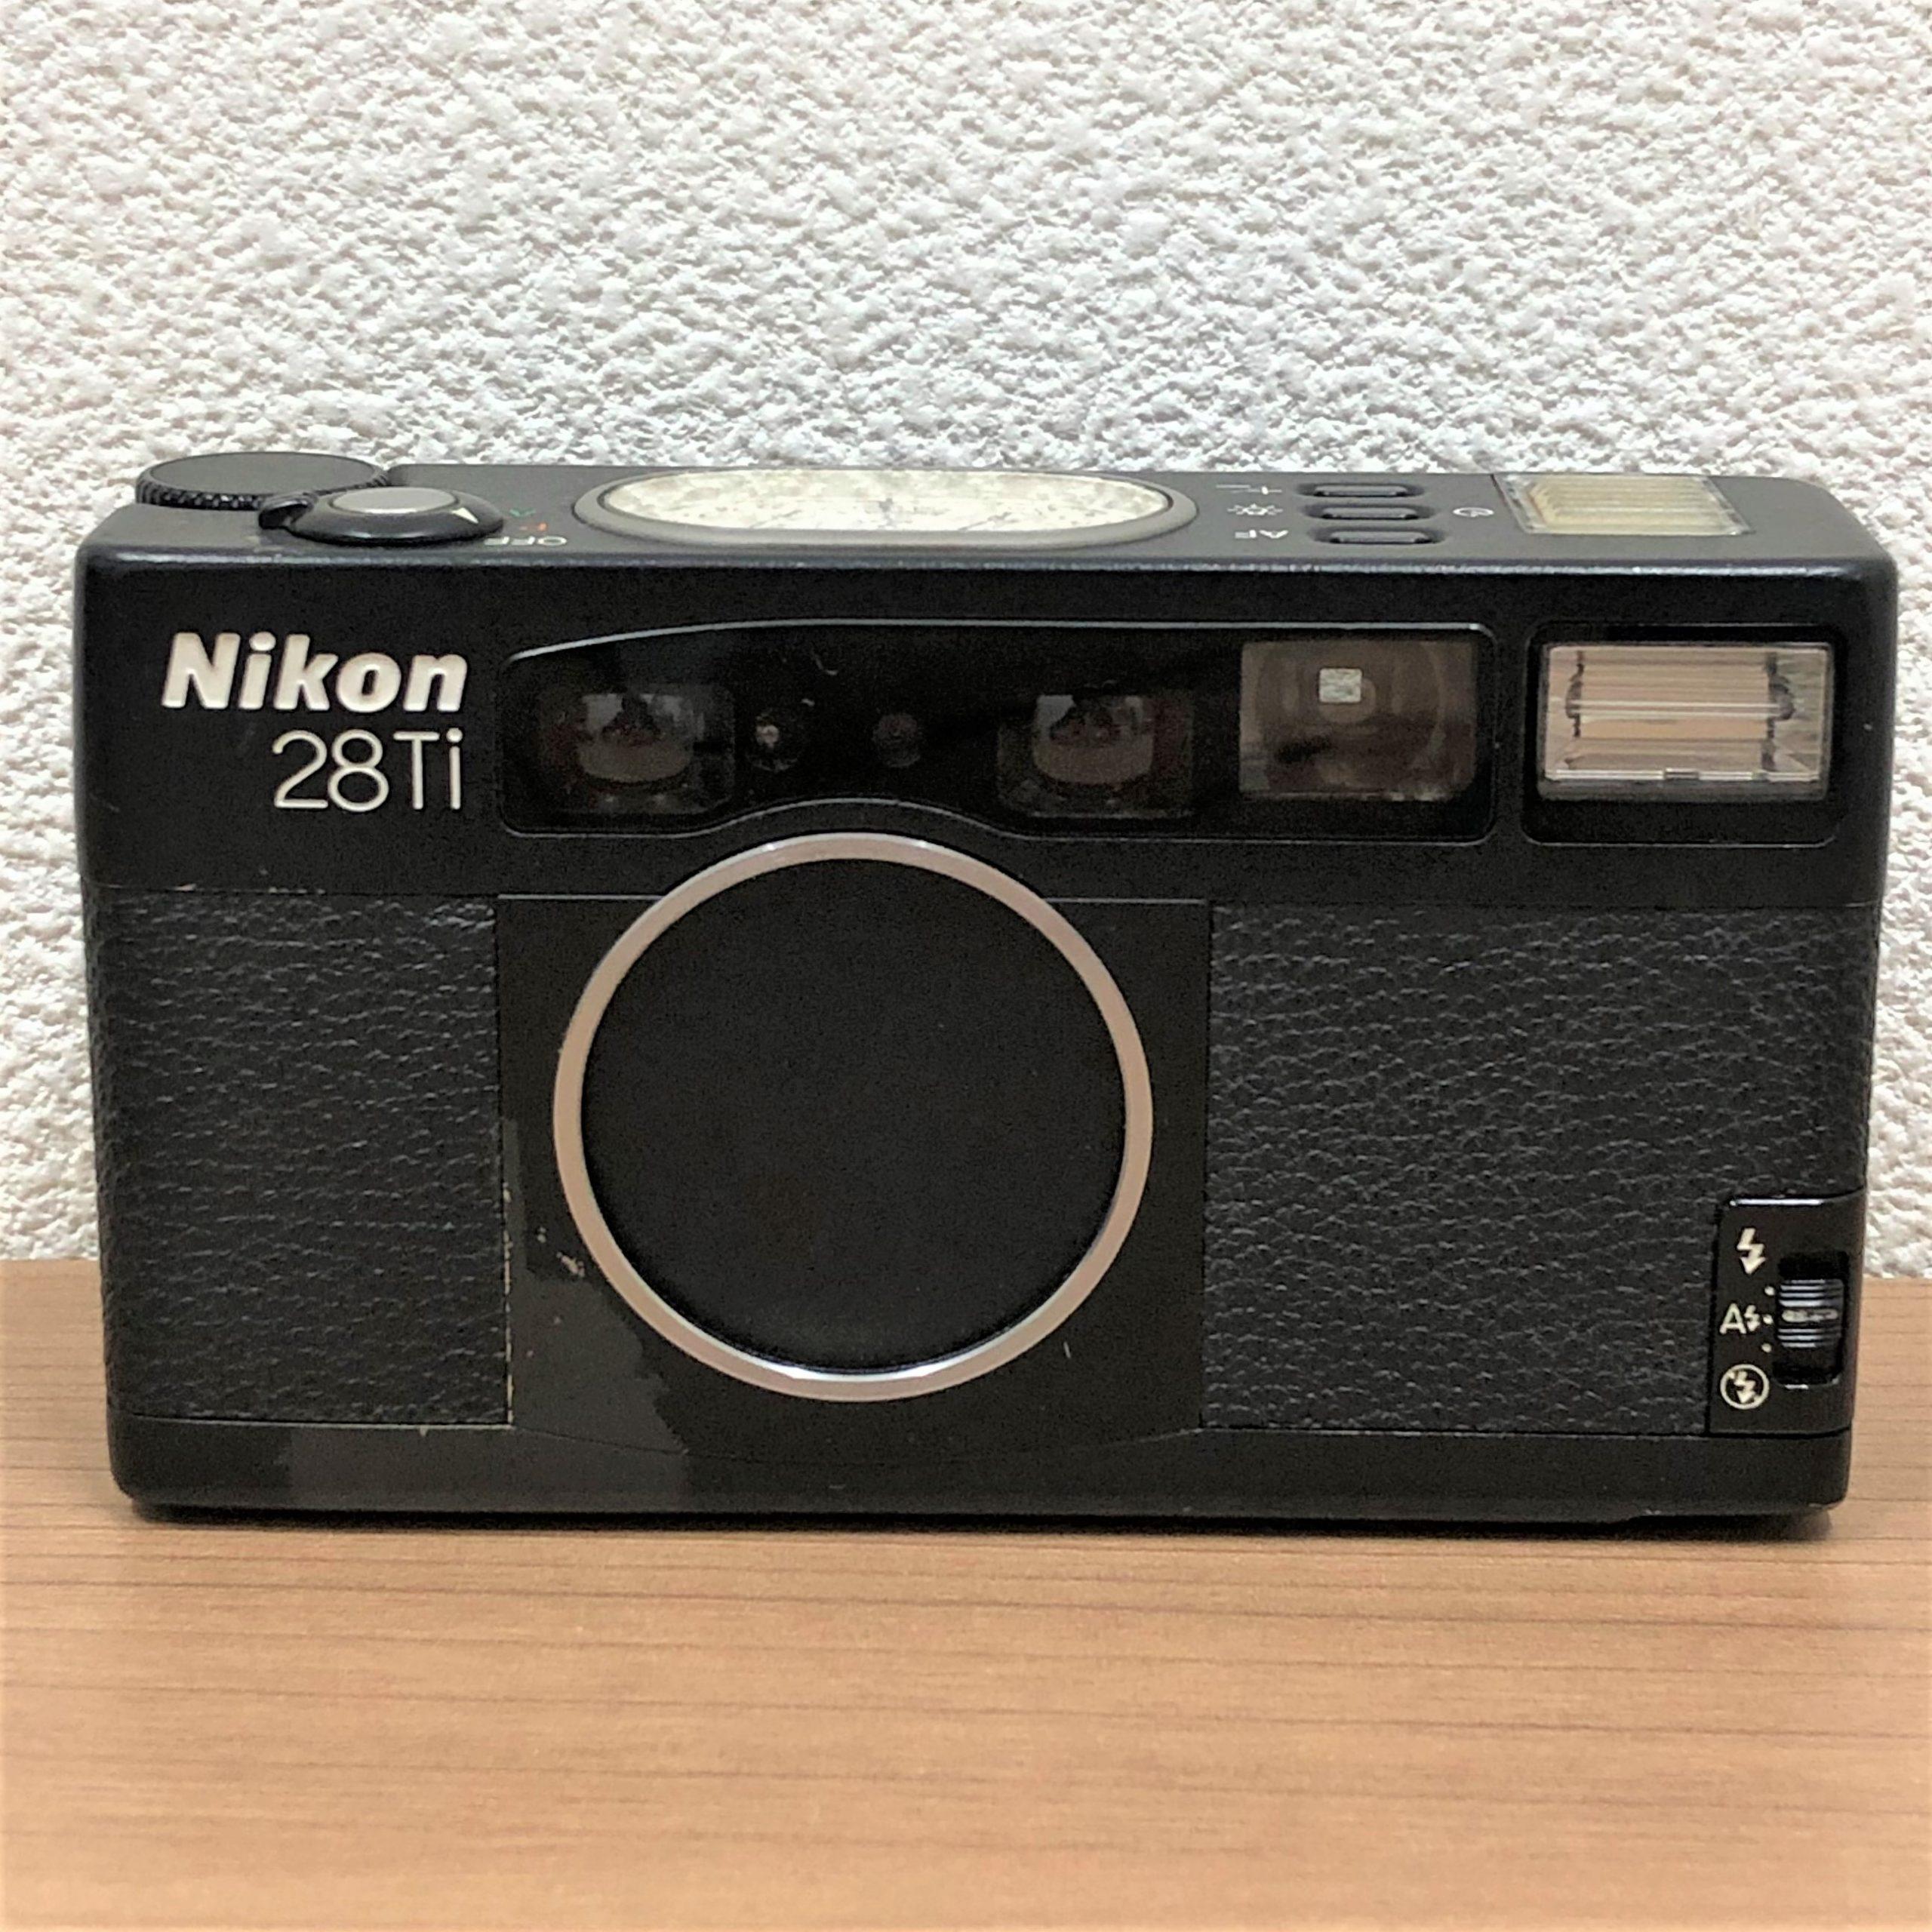 【Nikon/ニコン】28Ti 28mm 12.8 コンパクトフィルムカメラ